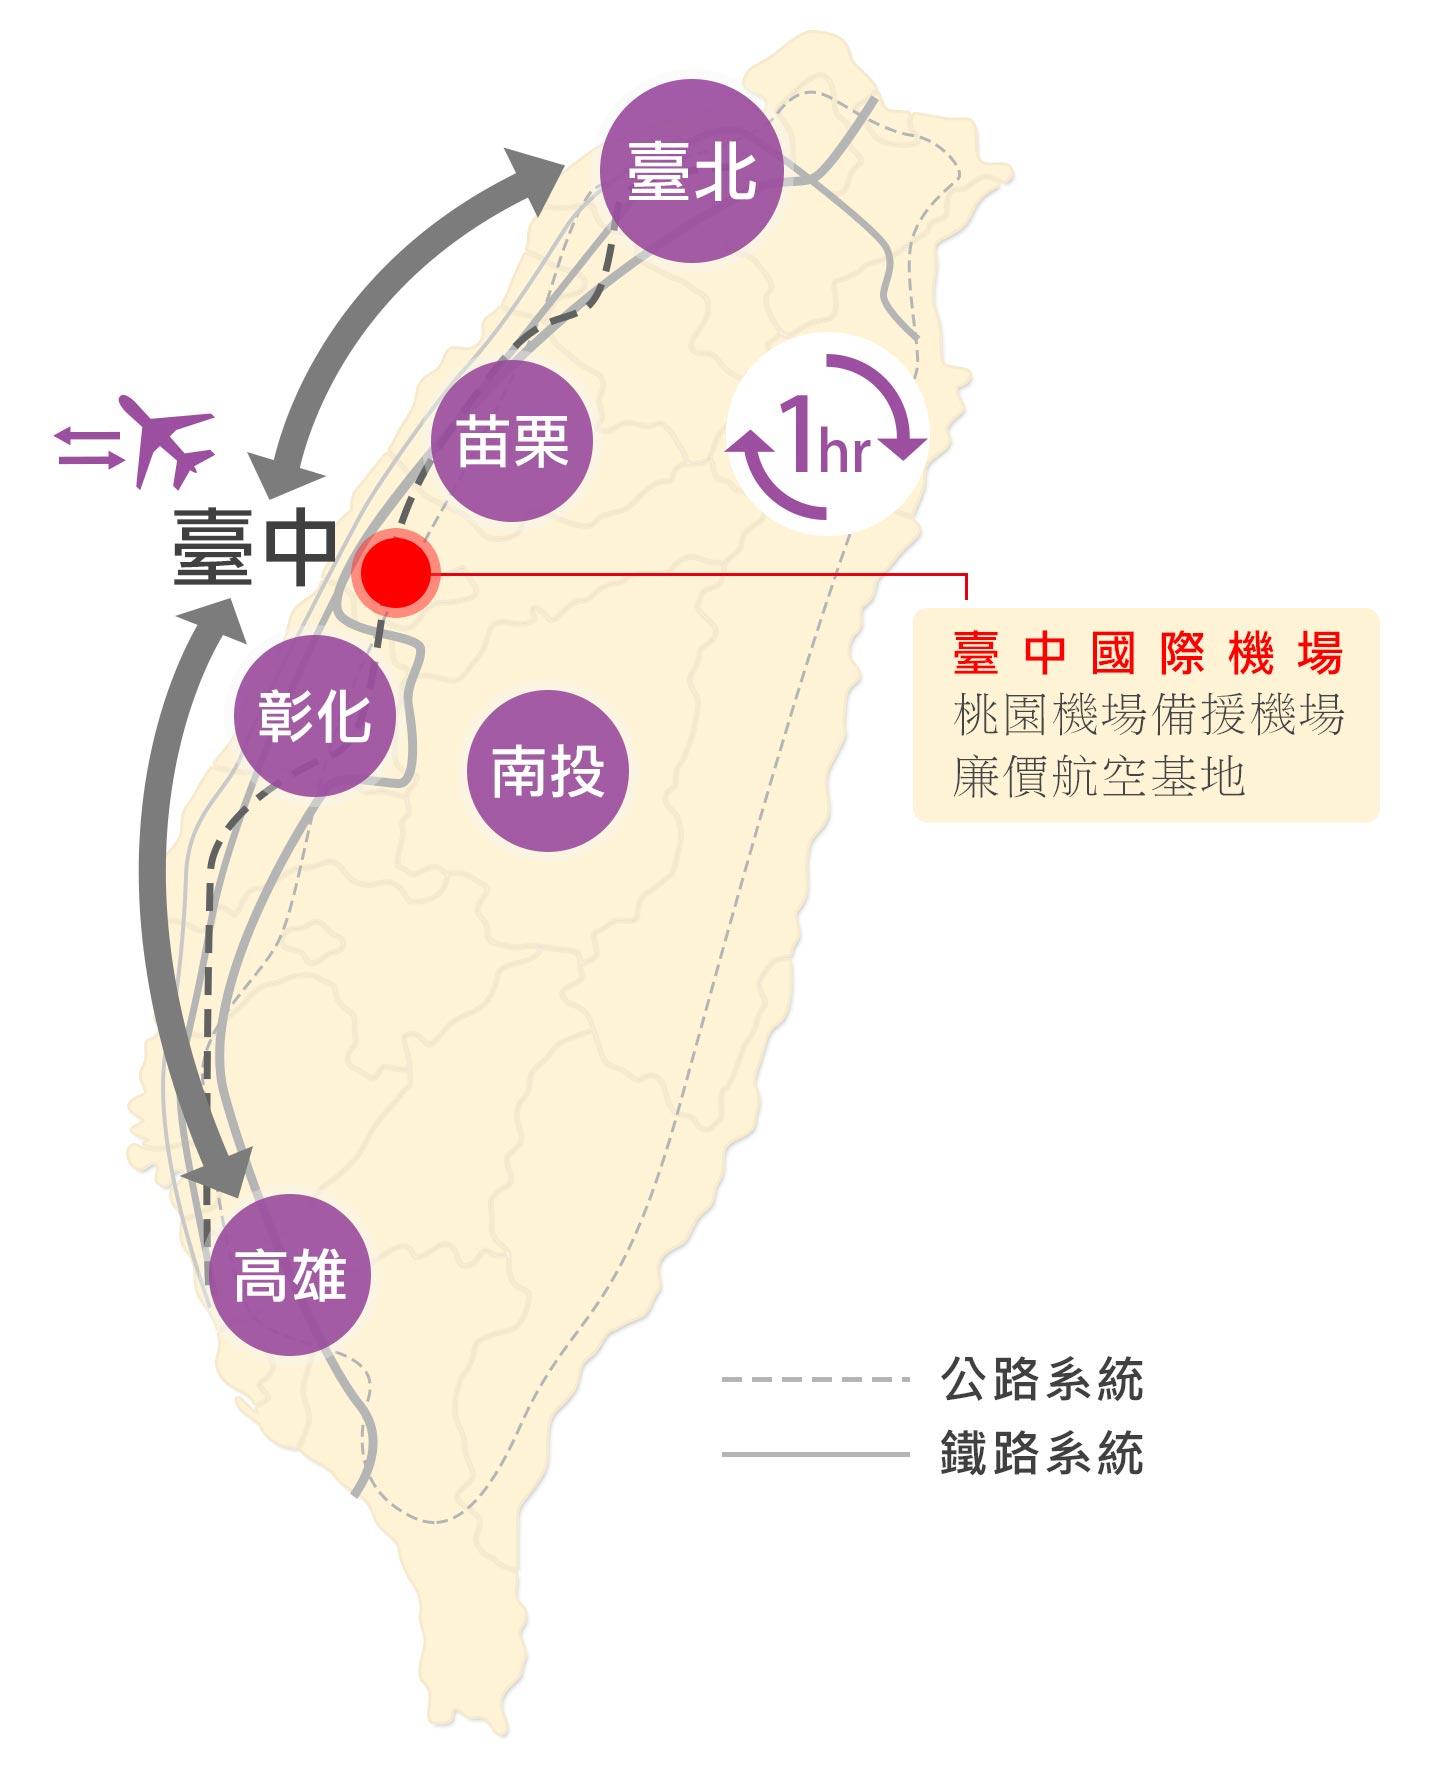 台中國際機場(點圖可放大)